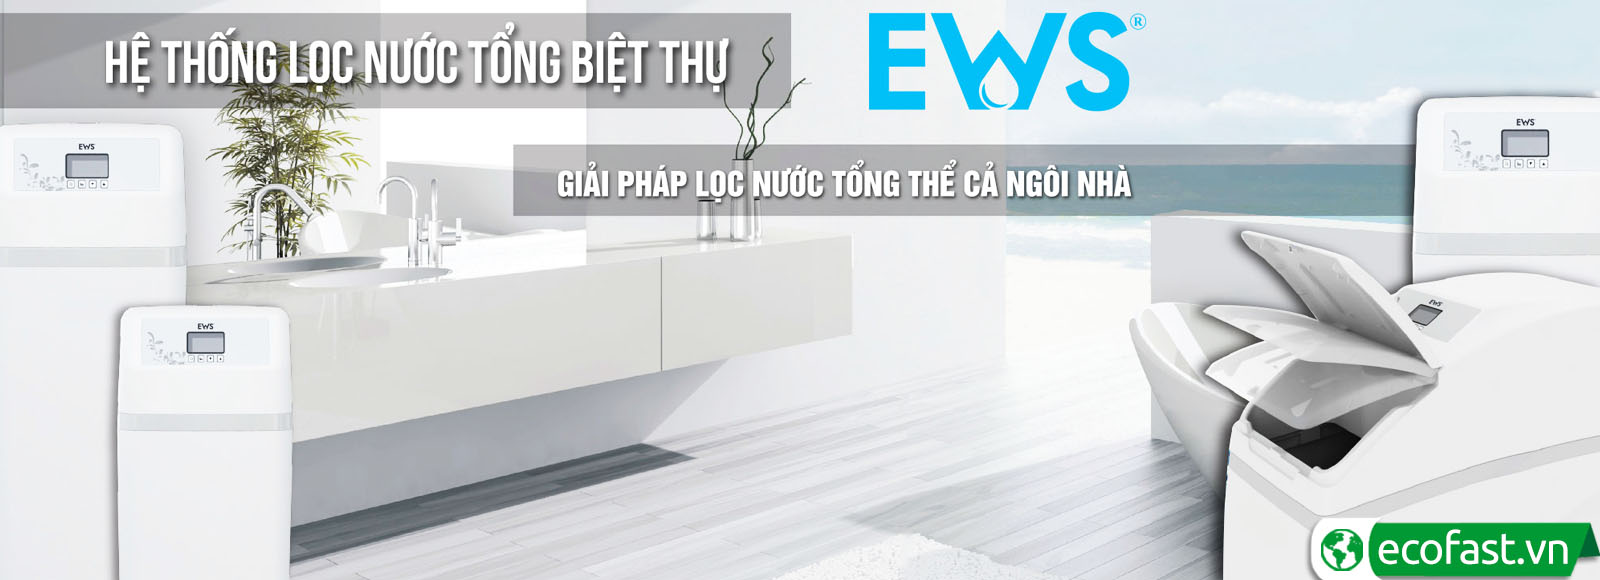 Hệ lọc biệt thự EWS